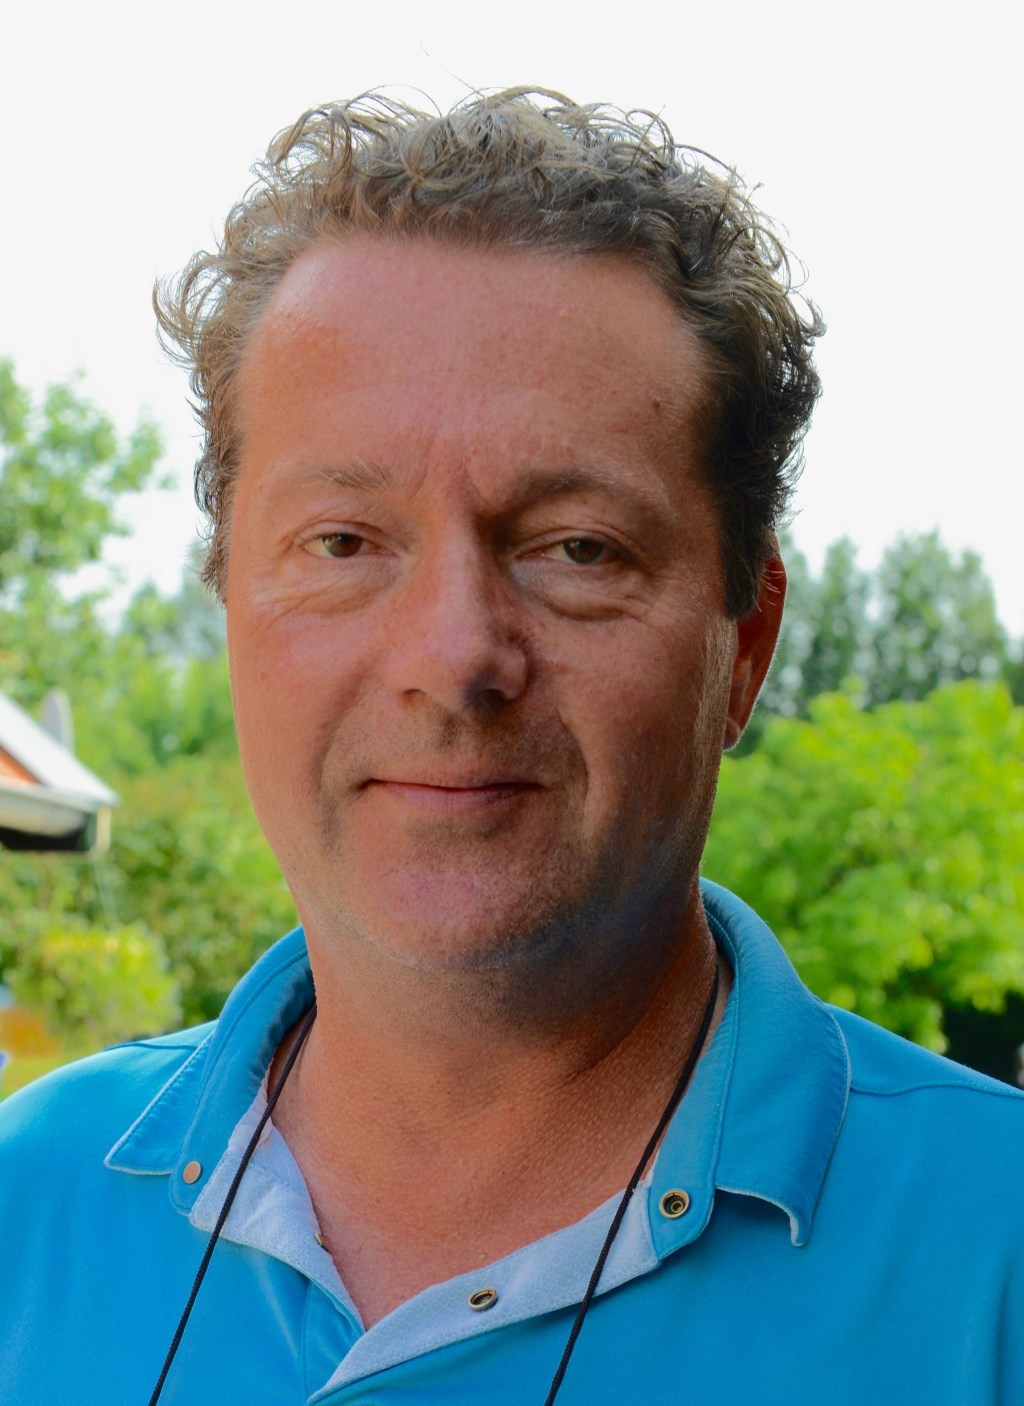 Ben Hölscher is teleurgesteld in de plaatselijke politiek  © Persgroep